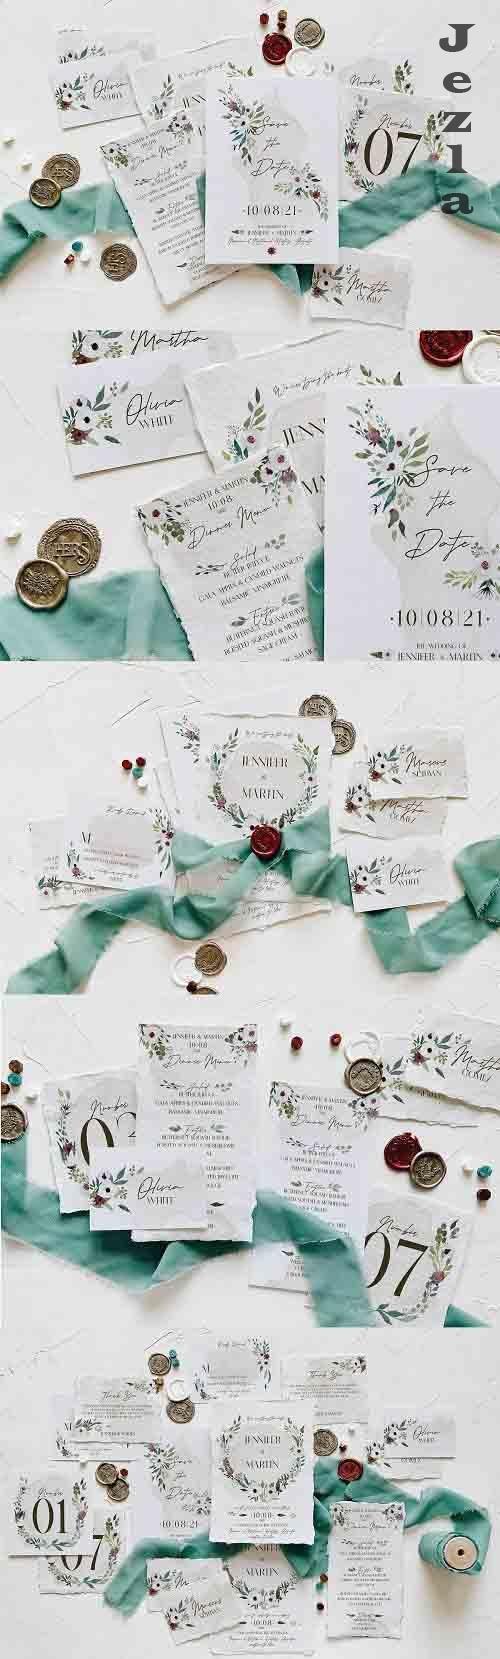 White & Green Foliage Wedding Suite - 5658283